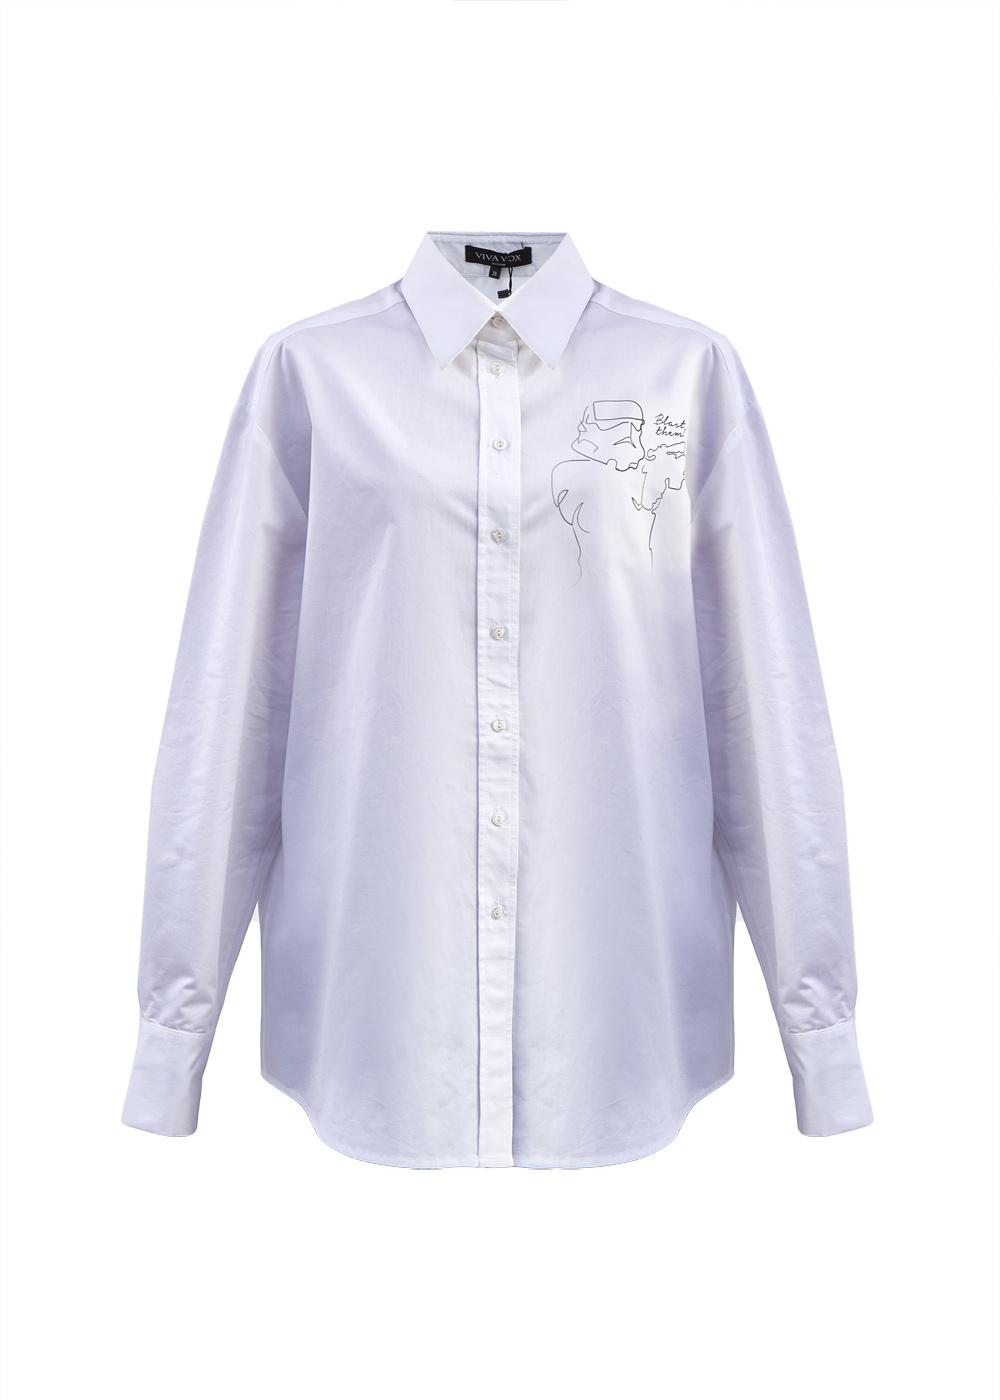 Купить Viva Vox рубашка